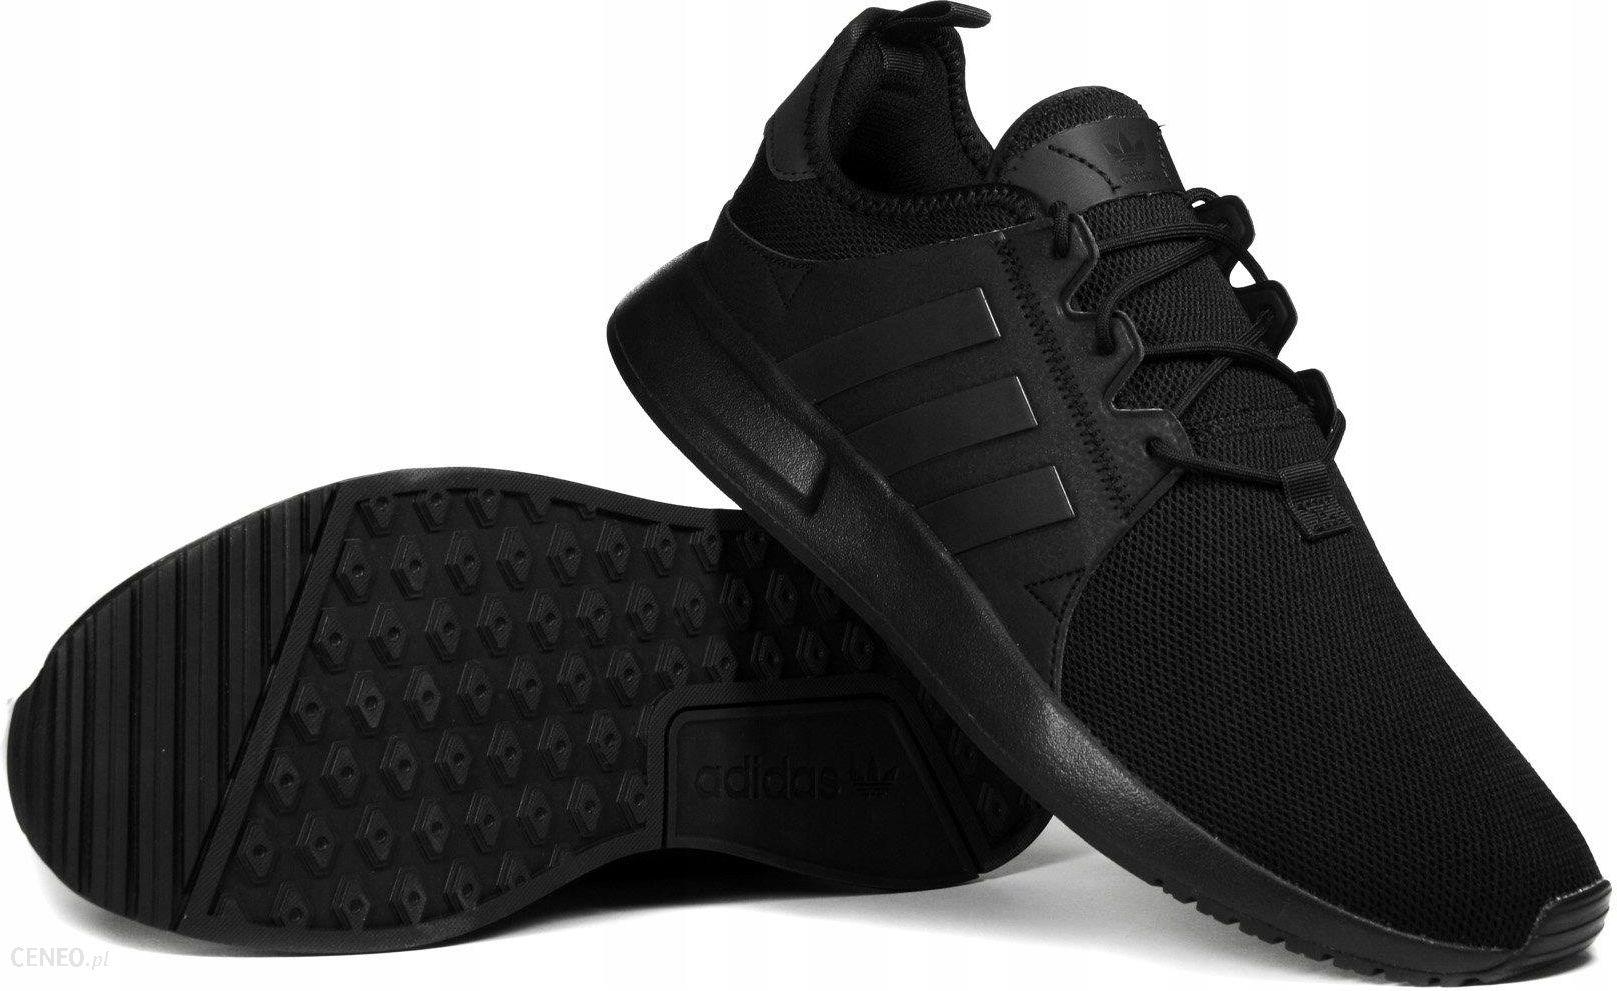 41 13 Buty M?skie Adidas X_plr CQ2405 Czarne Ceny i opinie Ceneo.pl